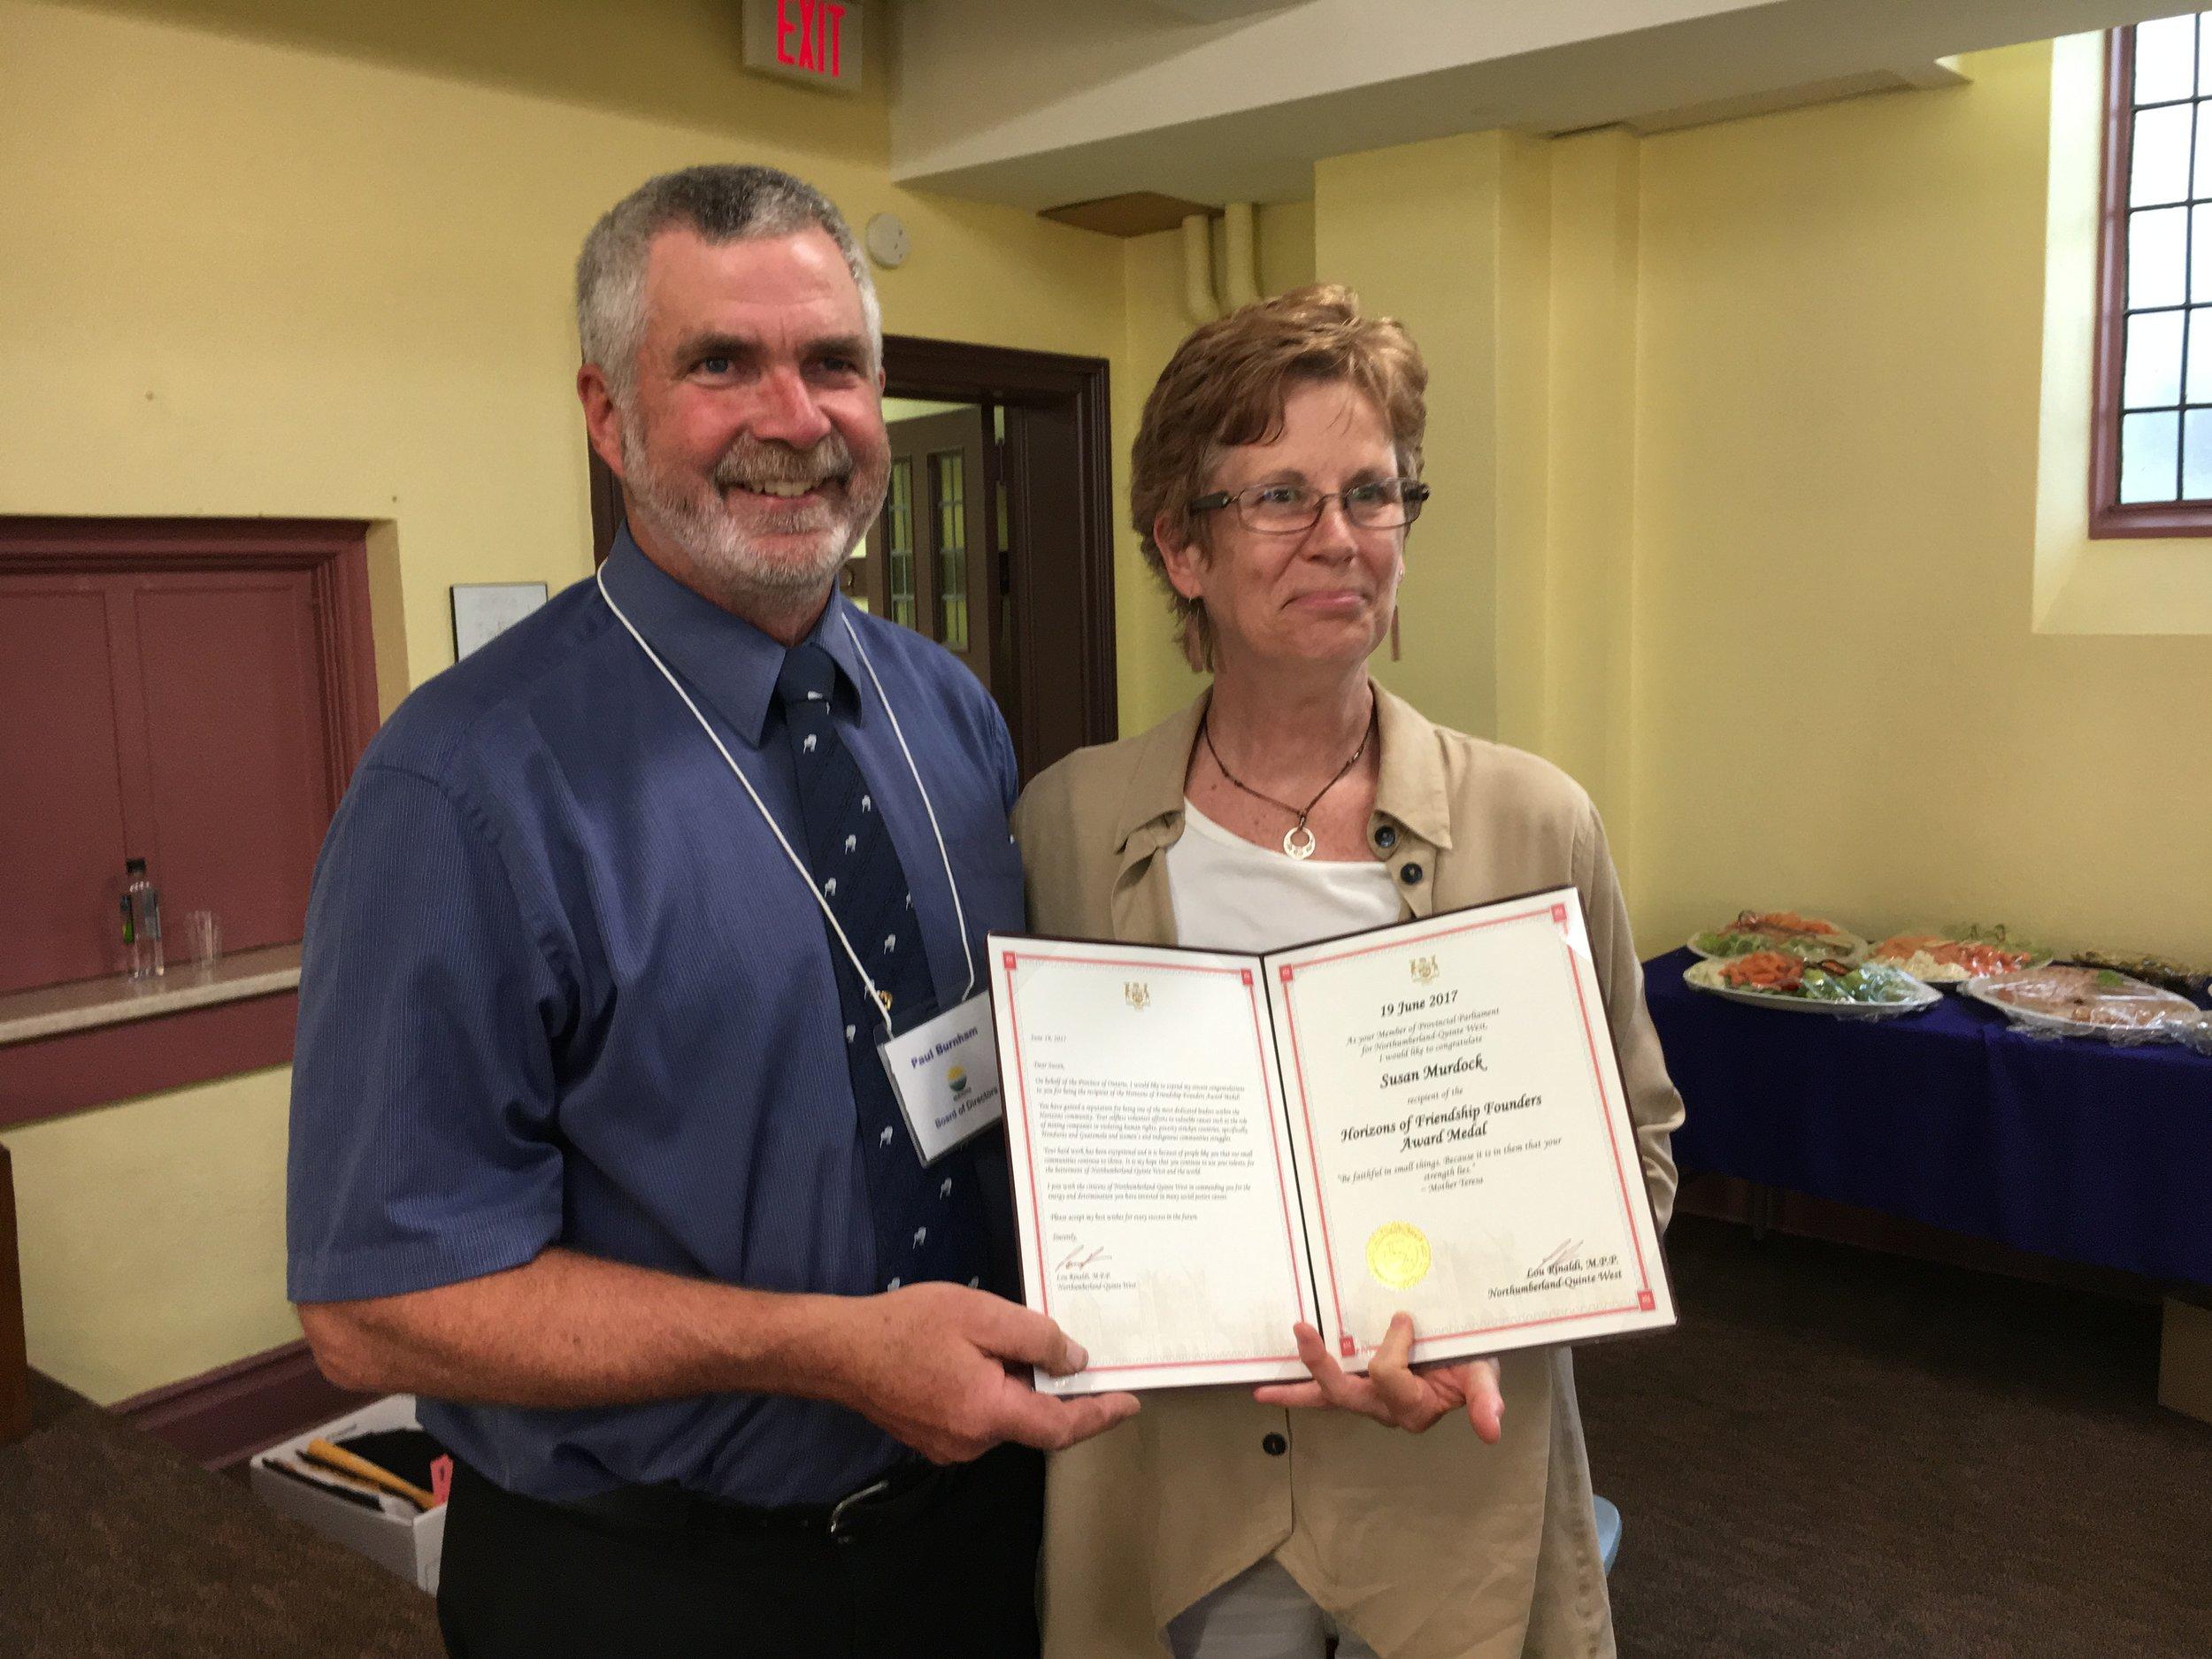 Paul Burnham presented Susan Murdock the 2017 Founders Award at the 2017 Annual General Meeting.